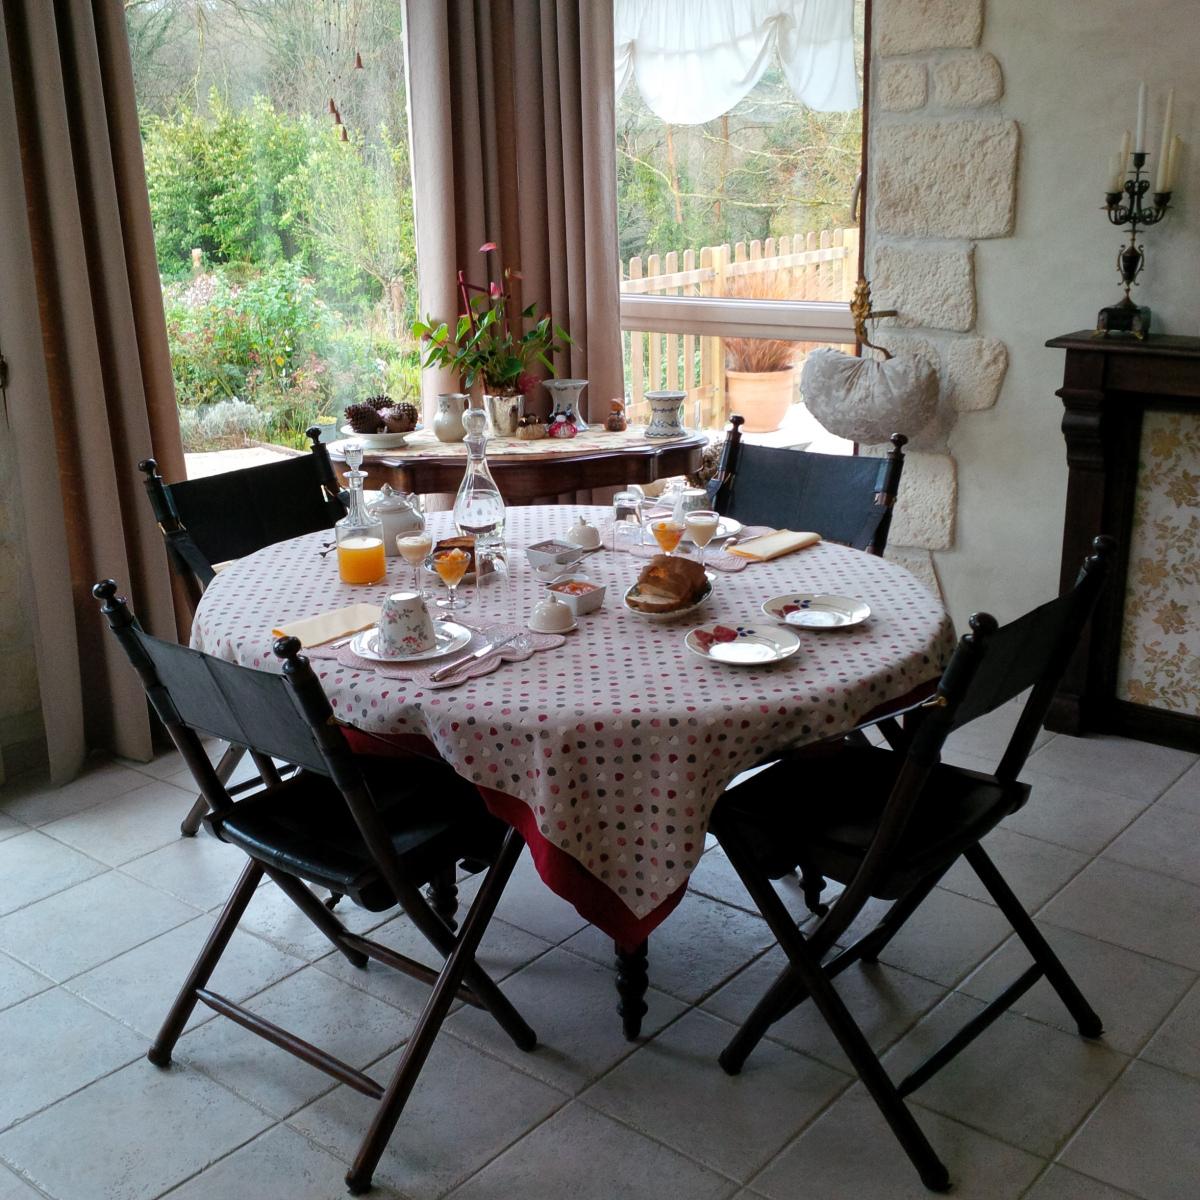 Demeure-de-la-Vendemiere-decor-2-petit-dejeuner-table-dhotes-avril-2016